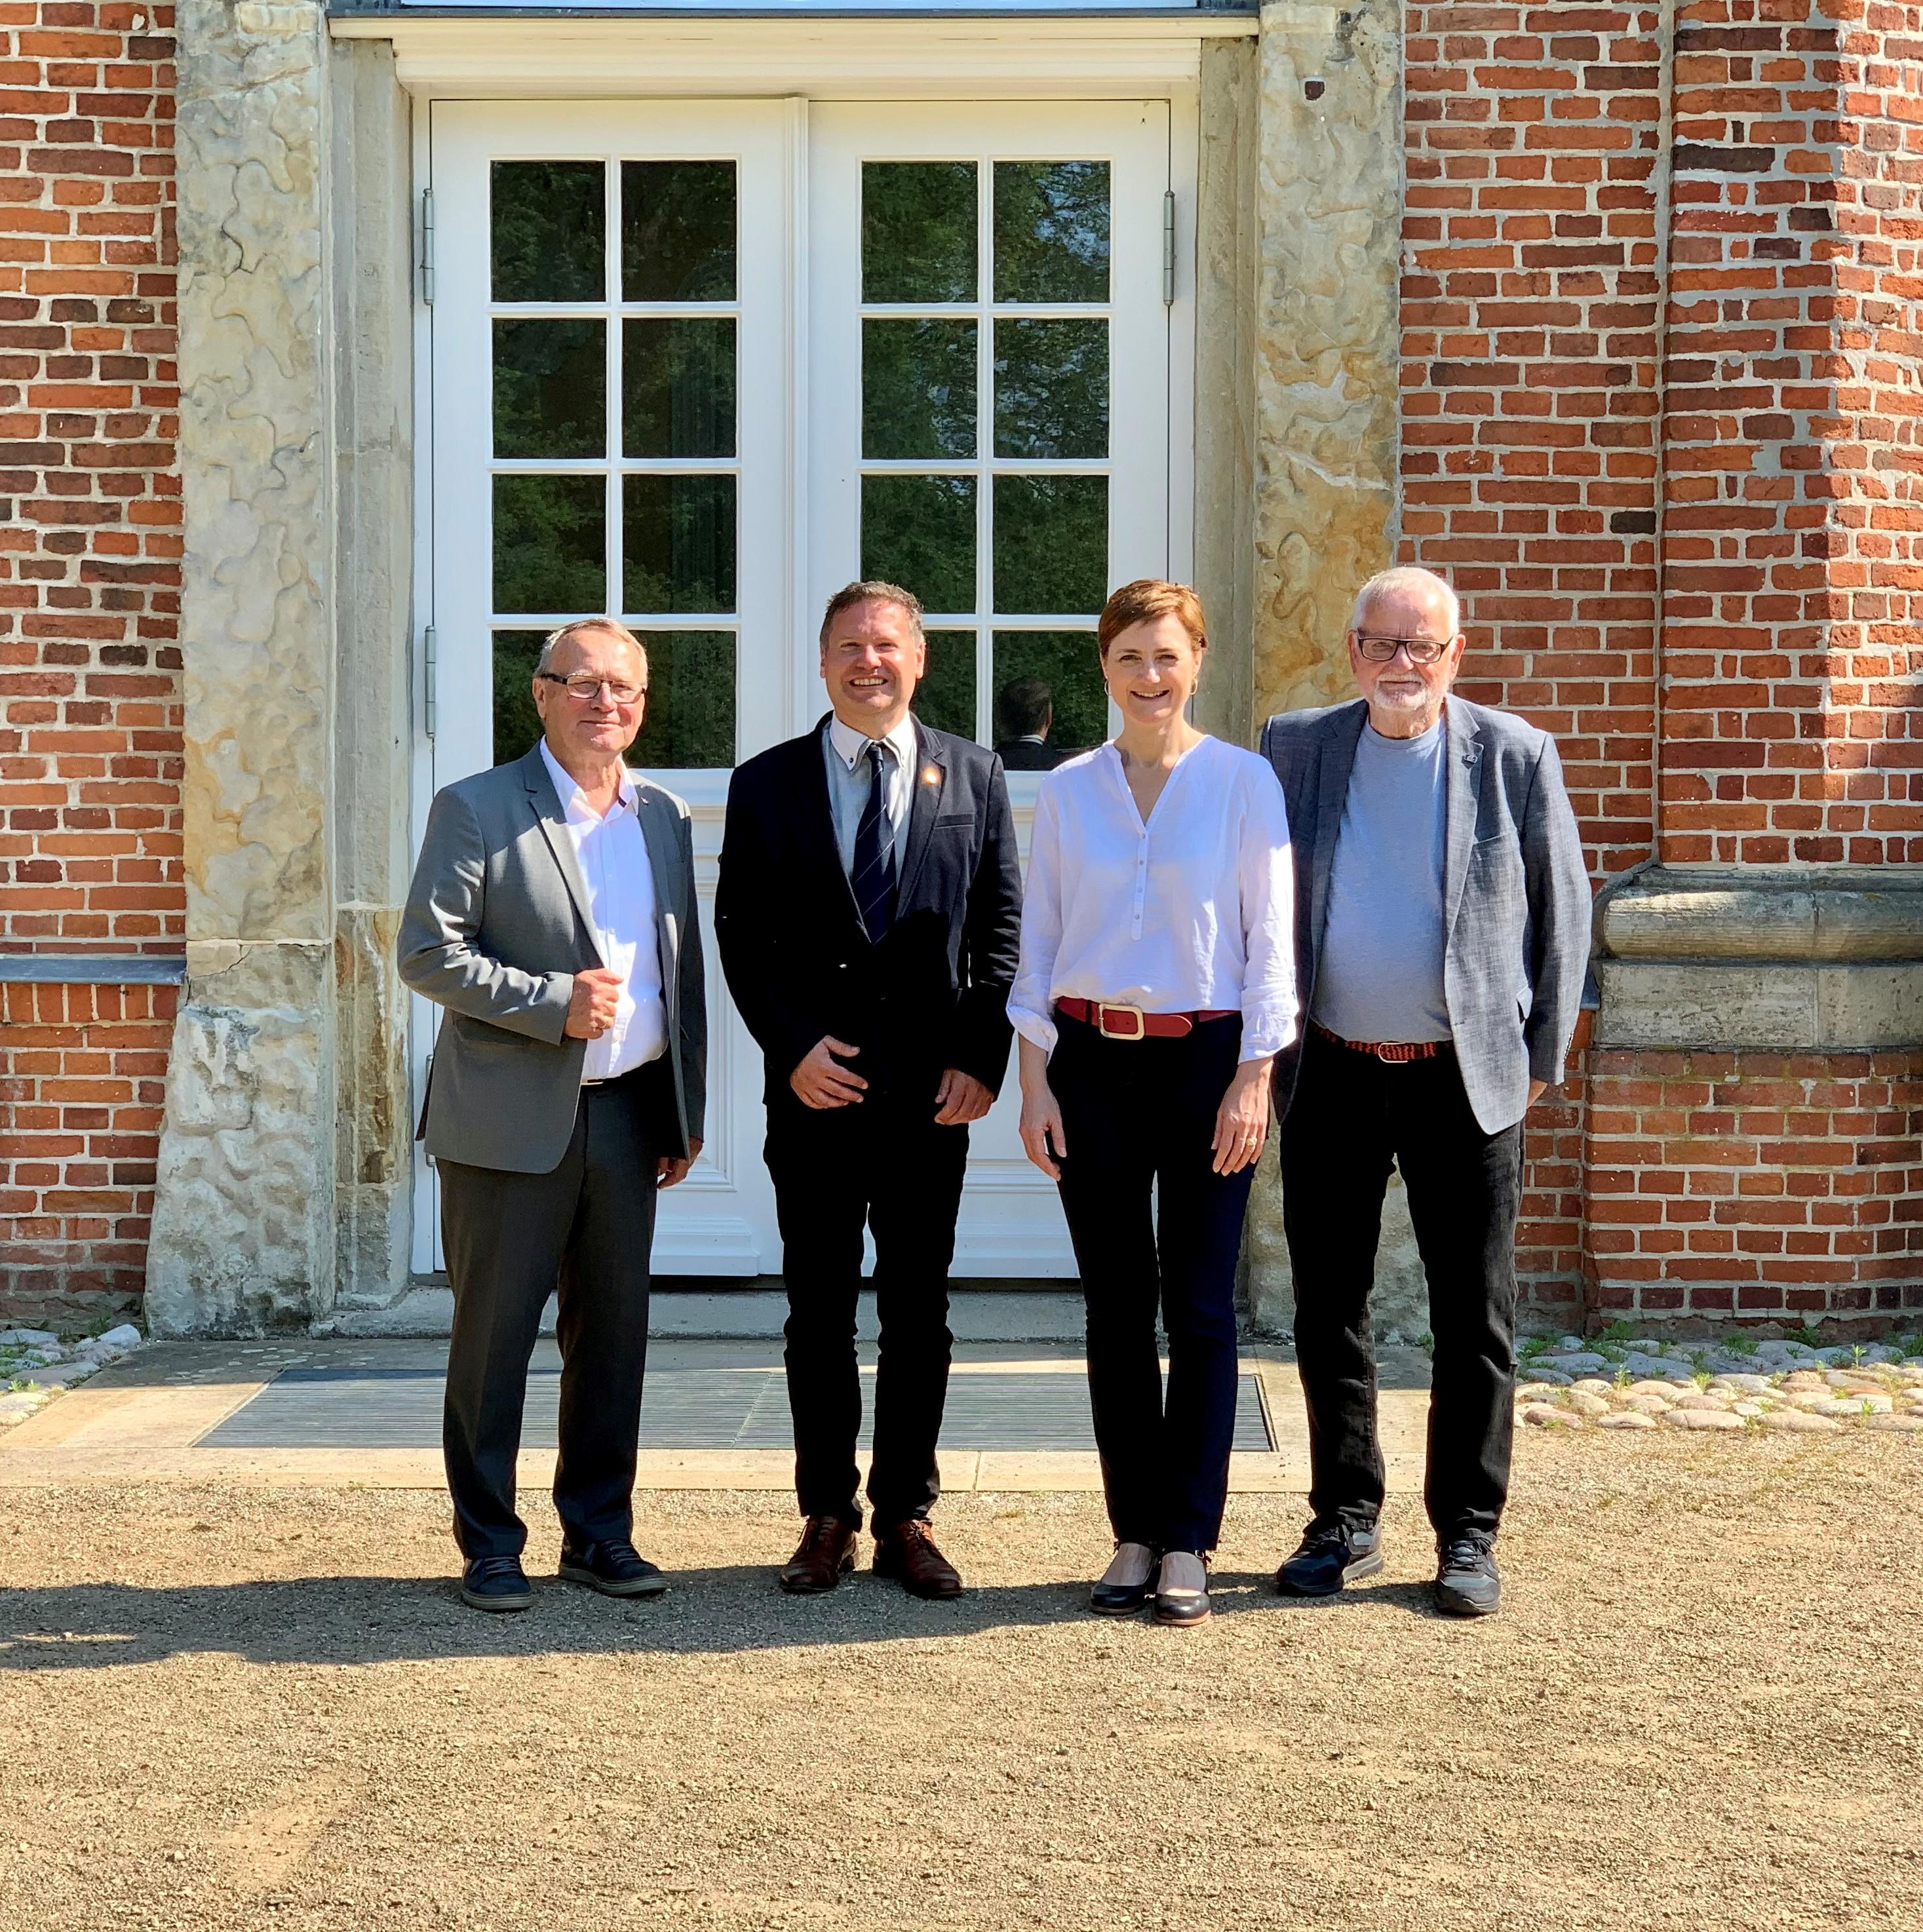 Preben Jensen, Stefan Leyk, Simone Lange und Freddy Blak. Gruppenbild der Vorsitzenden